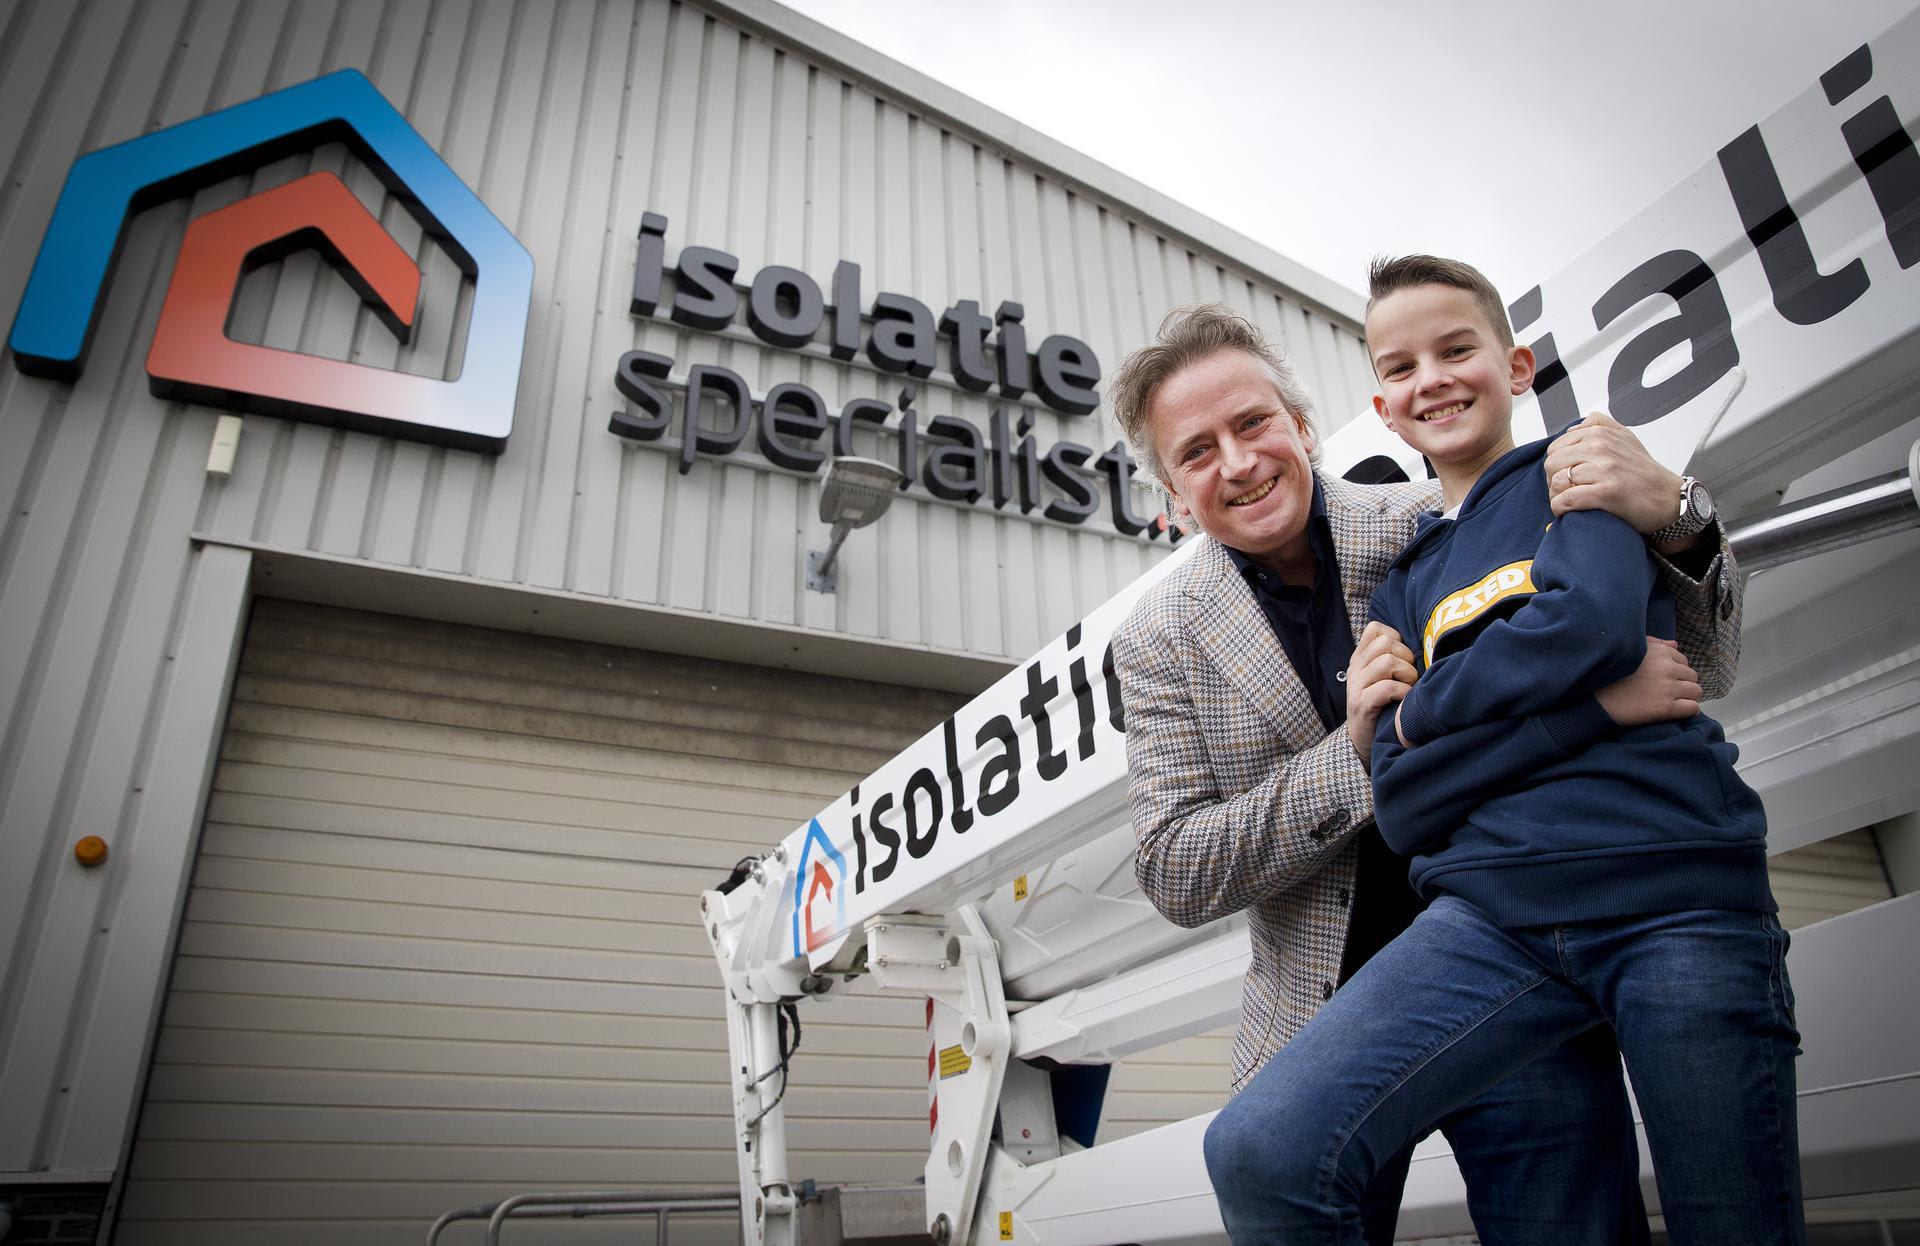 Pieter Schoen steekt miljoenen groeigeld in Isolatiespecialist.nl